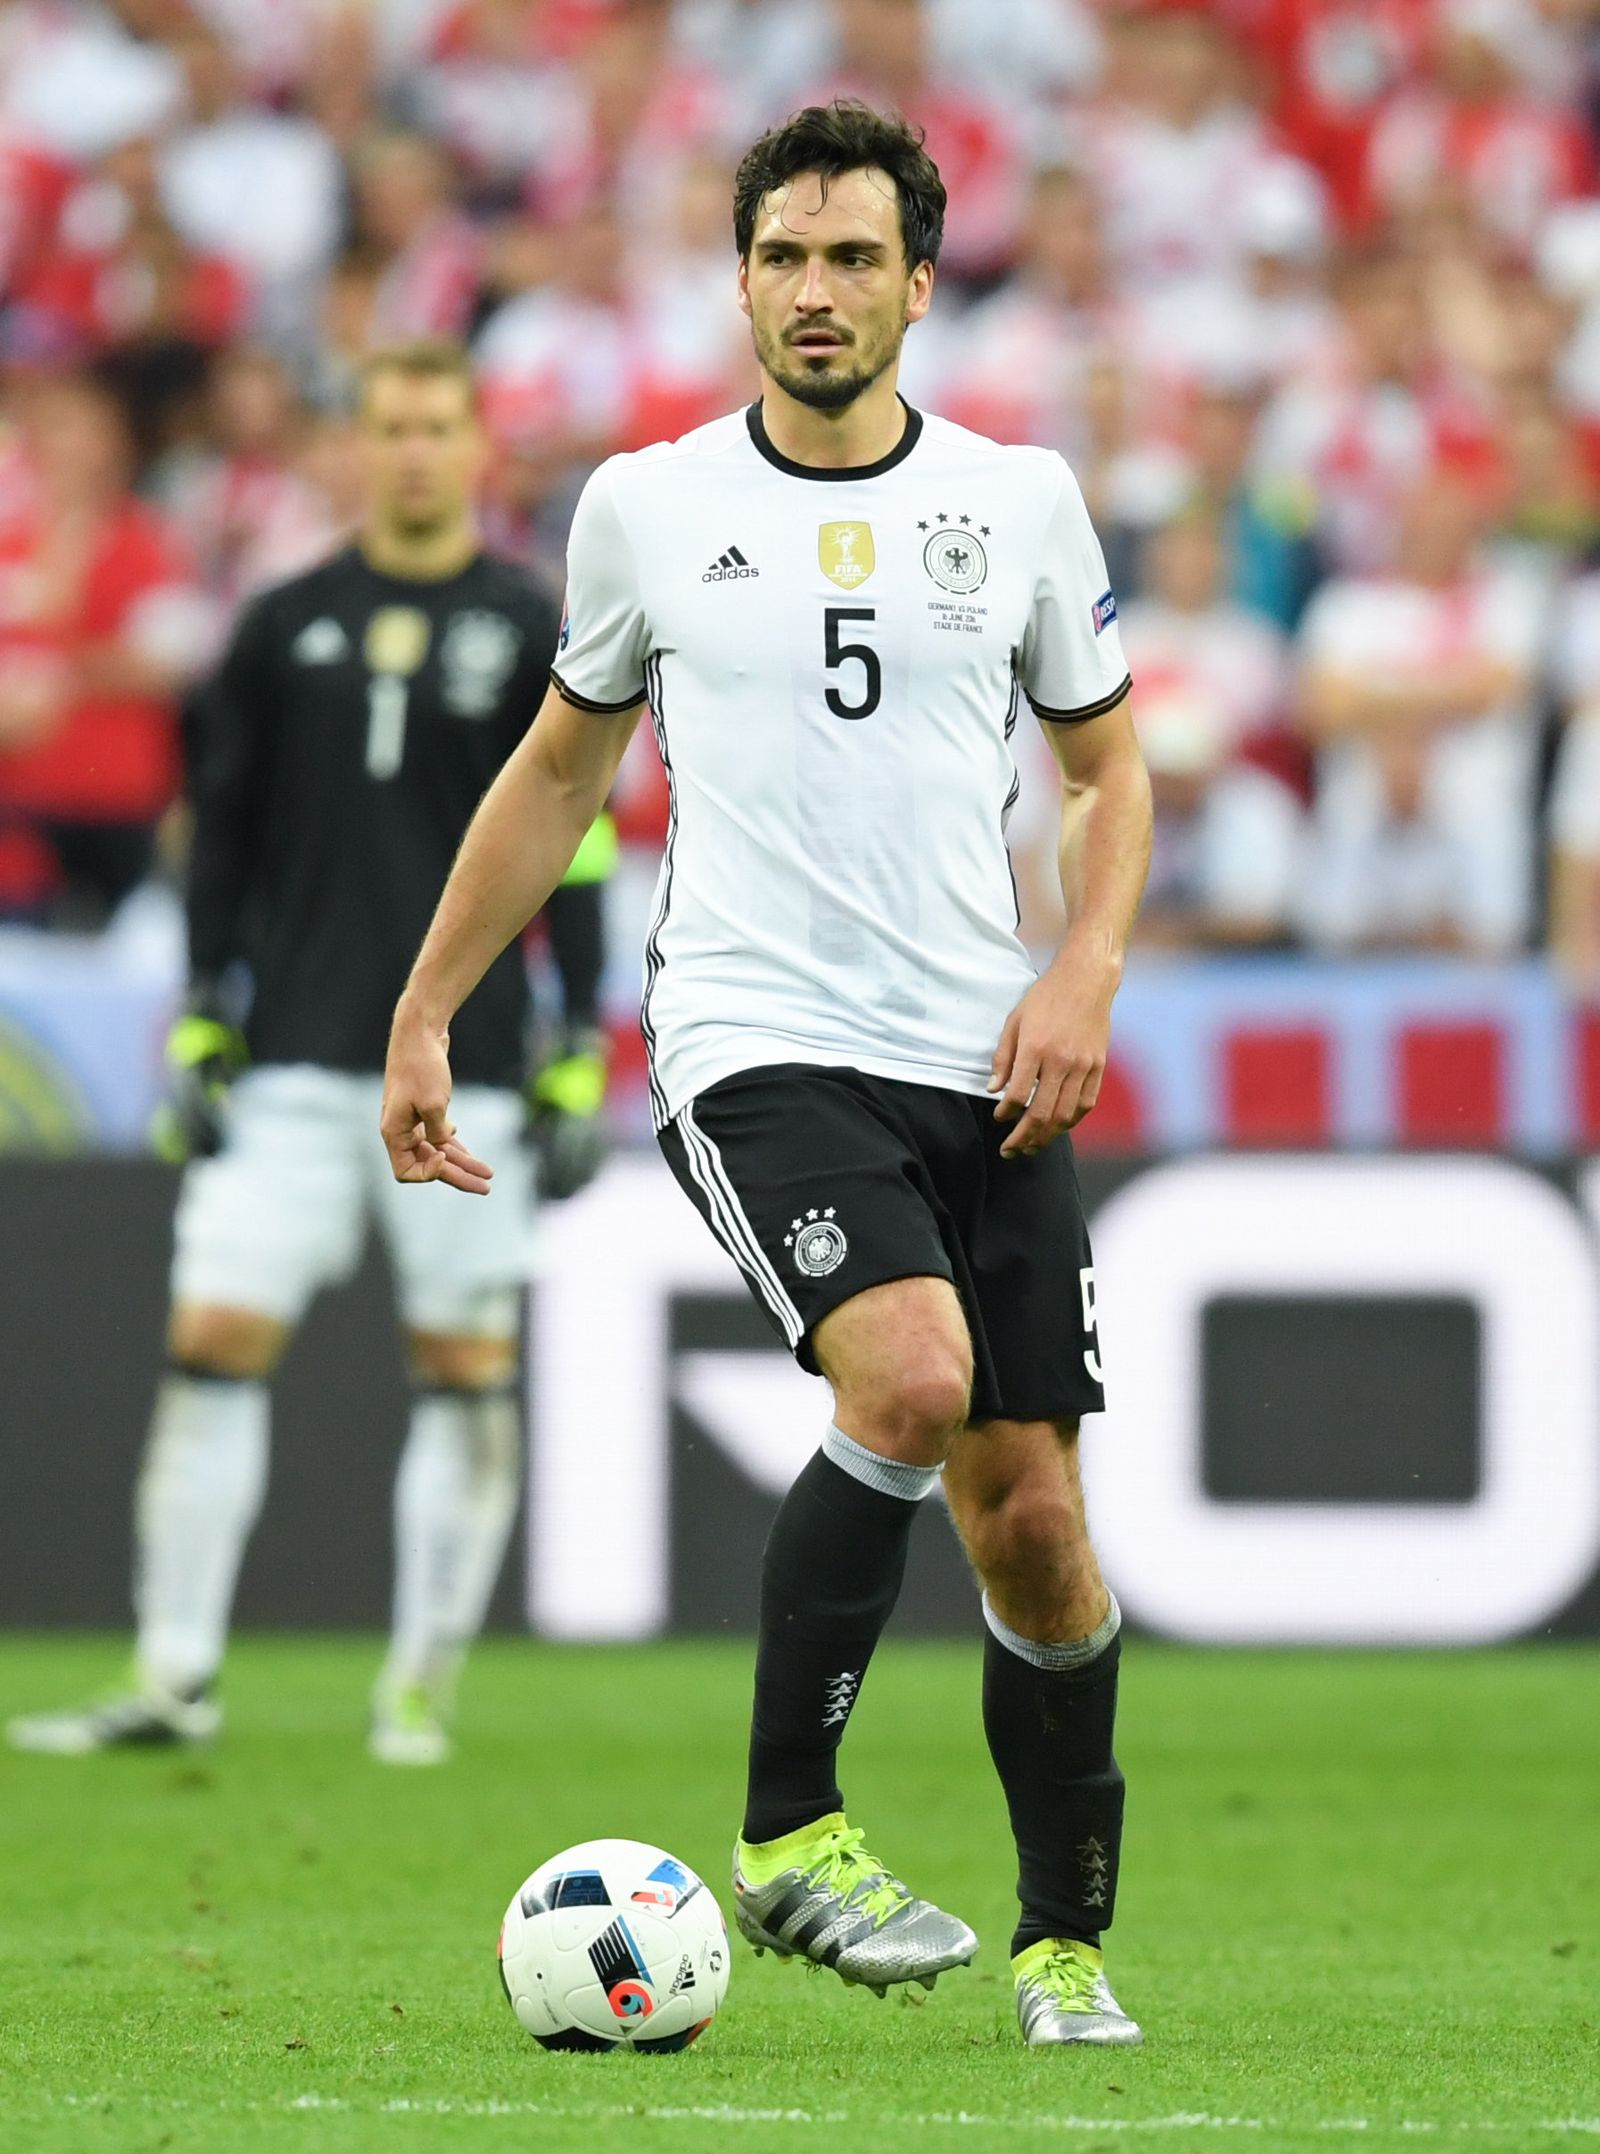 EURO 2016 - Mats Hummels